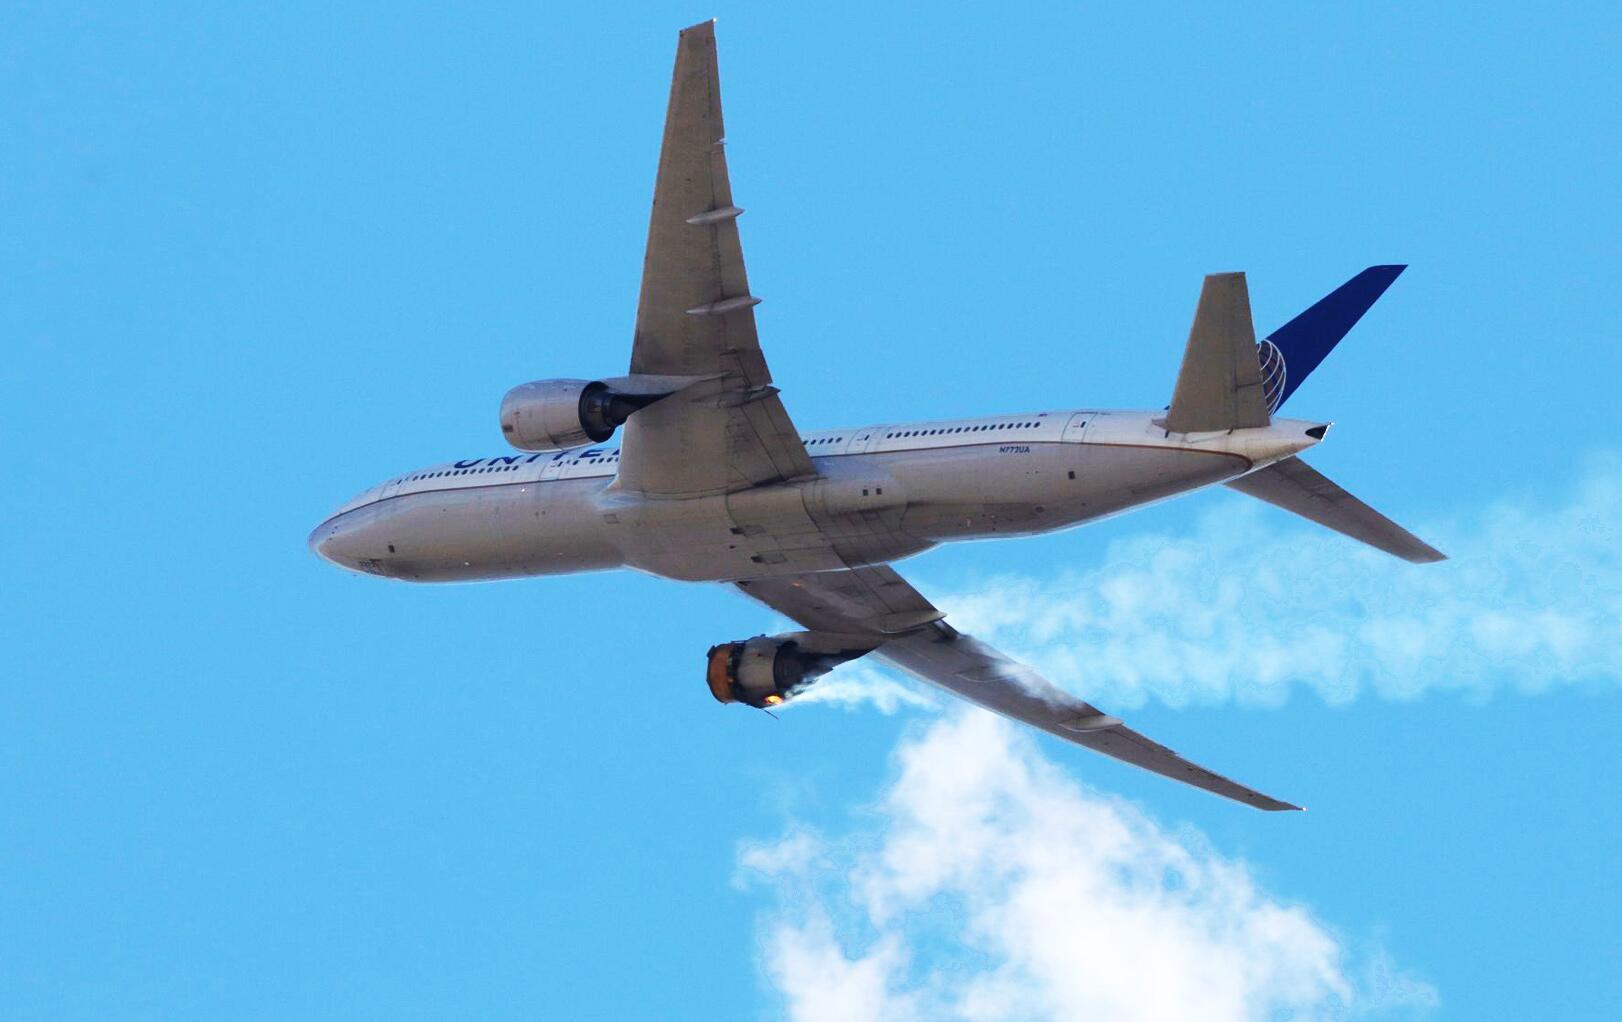 Bild zu USA: Flugzeug verliert Teile über Wohngebieten bei Denver